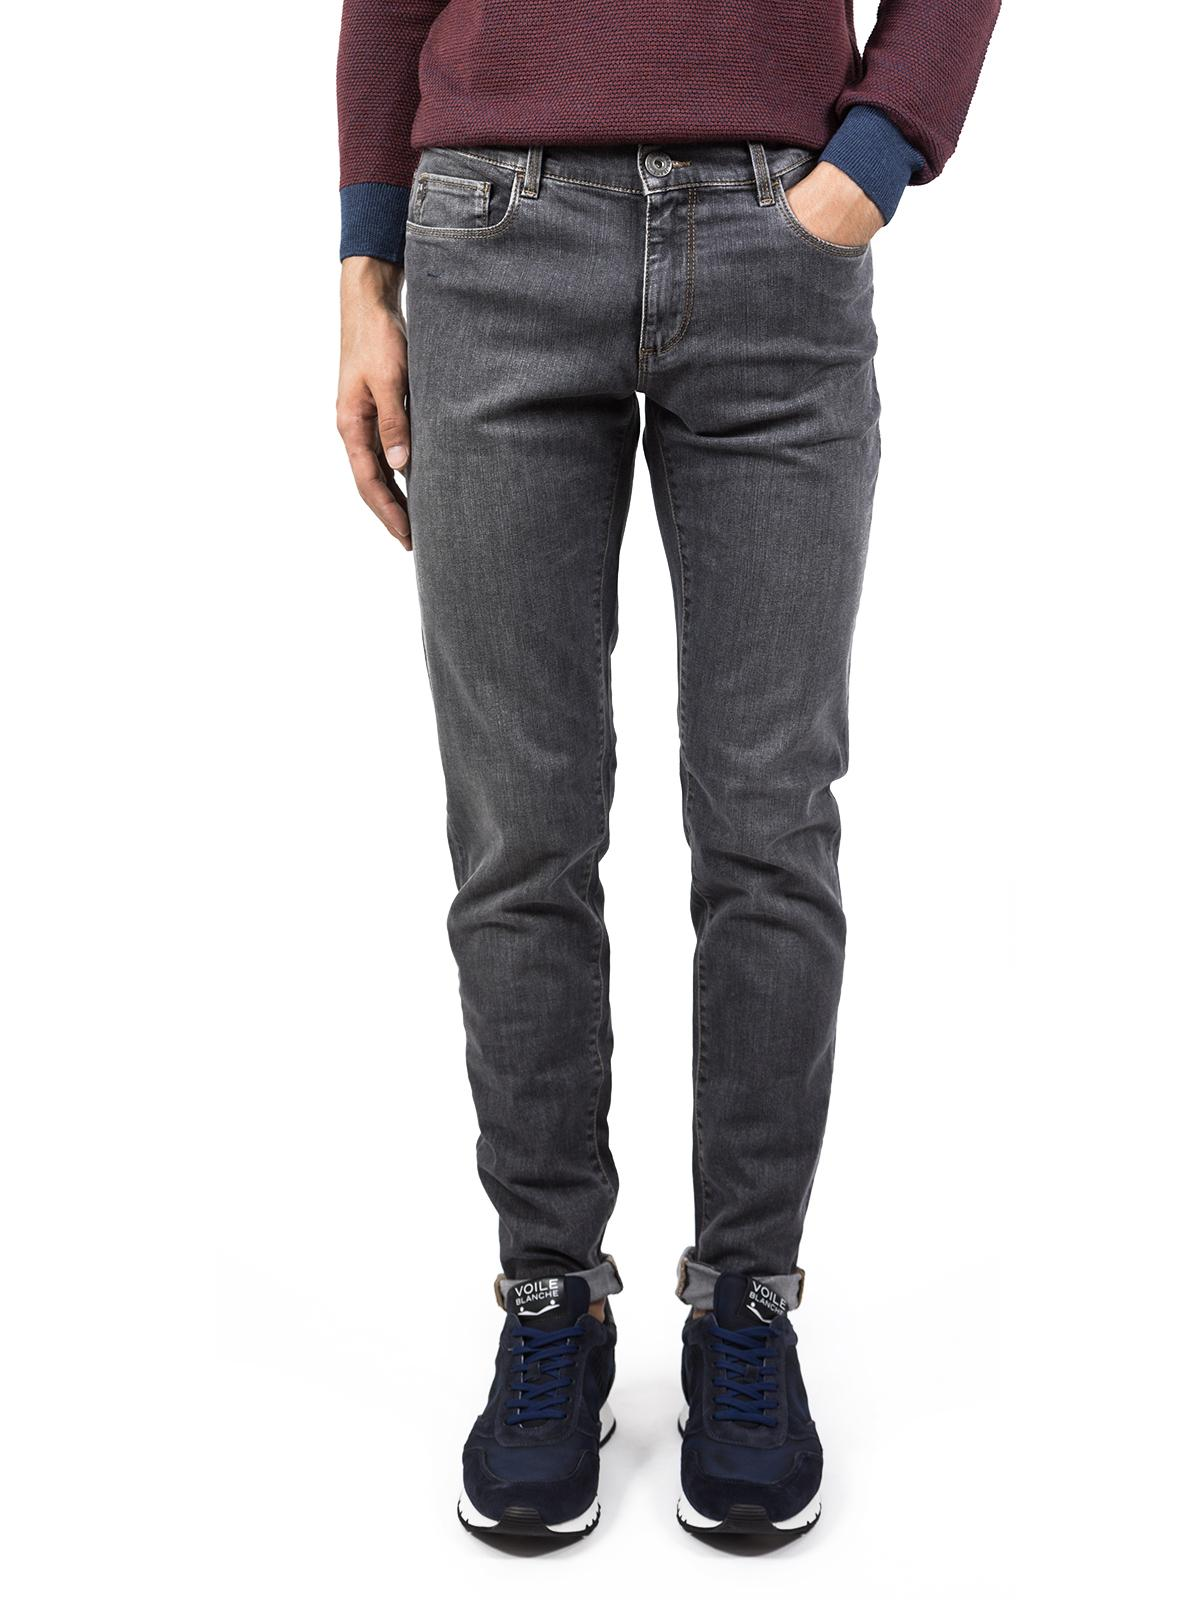 Trussardi - Jeans - 52J0000 1T000058